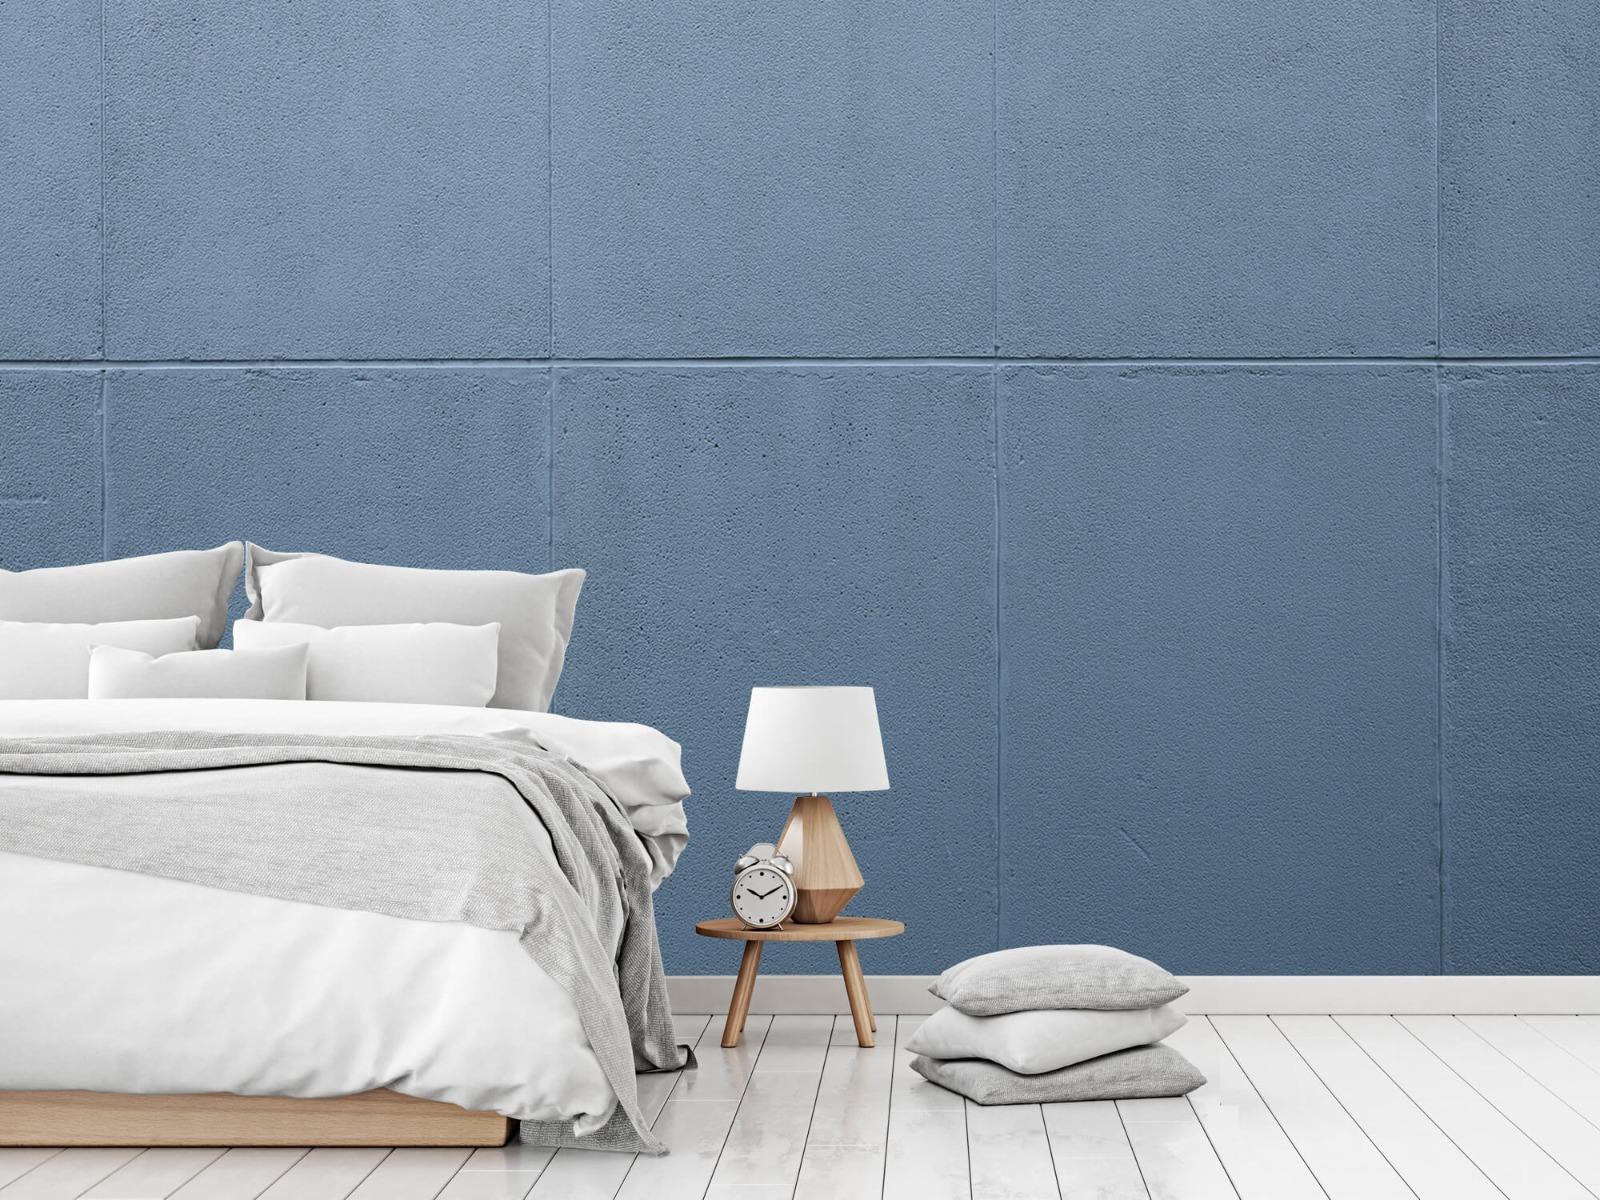 Betonlook behang - Geschilderde betonnen platen - Kantoor 18